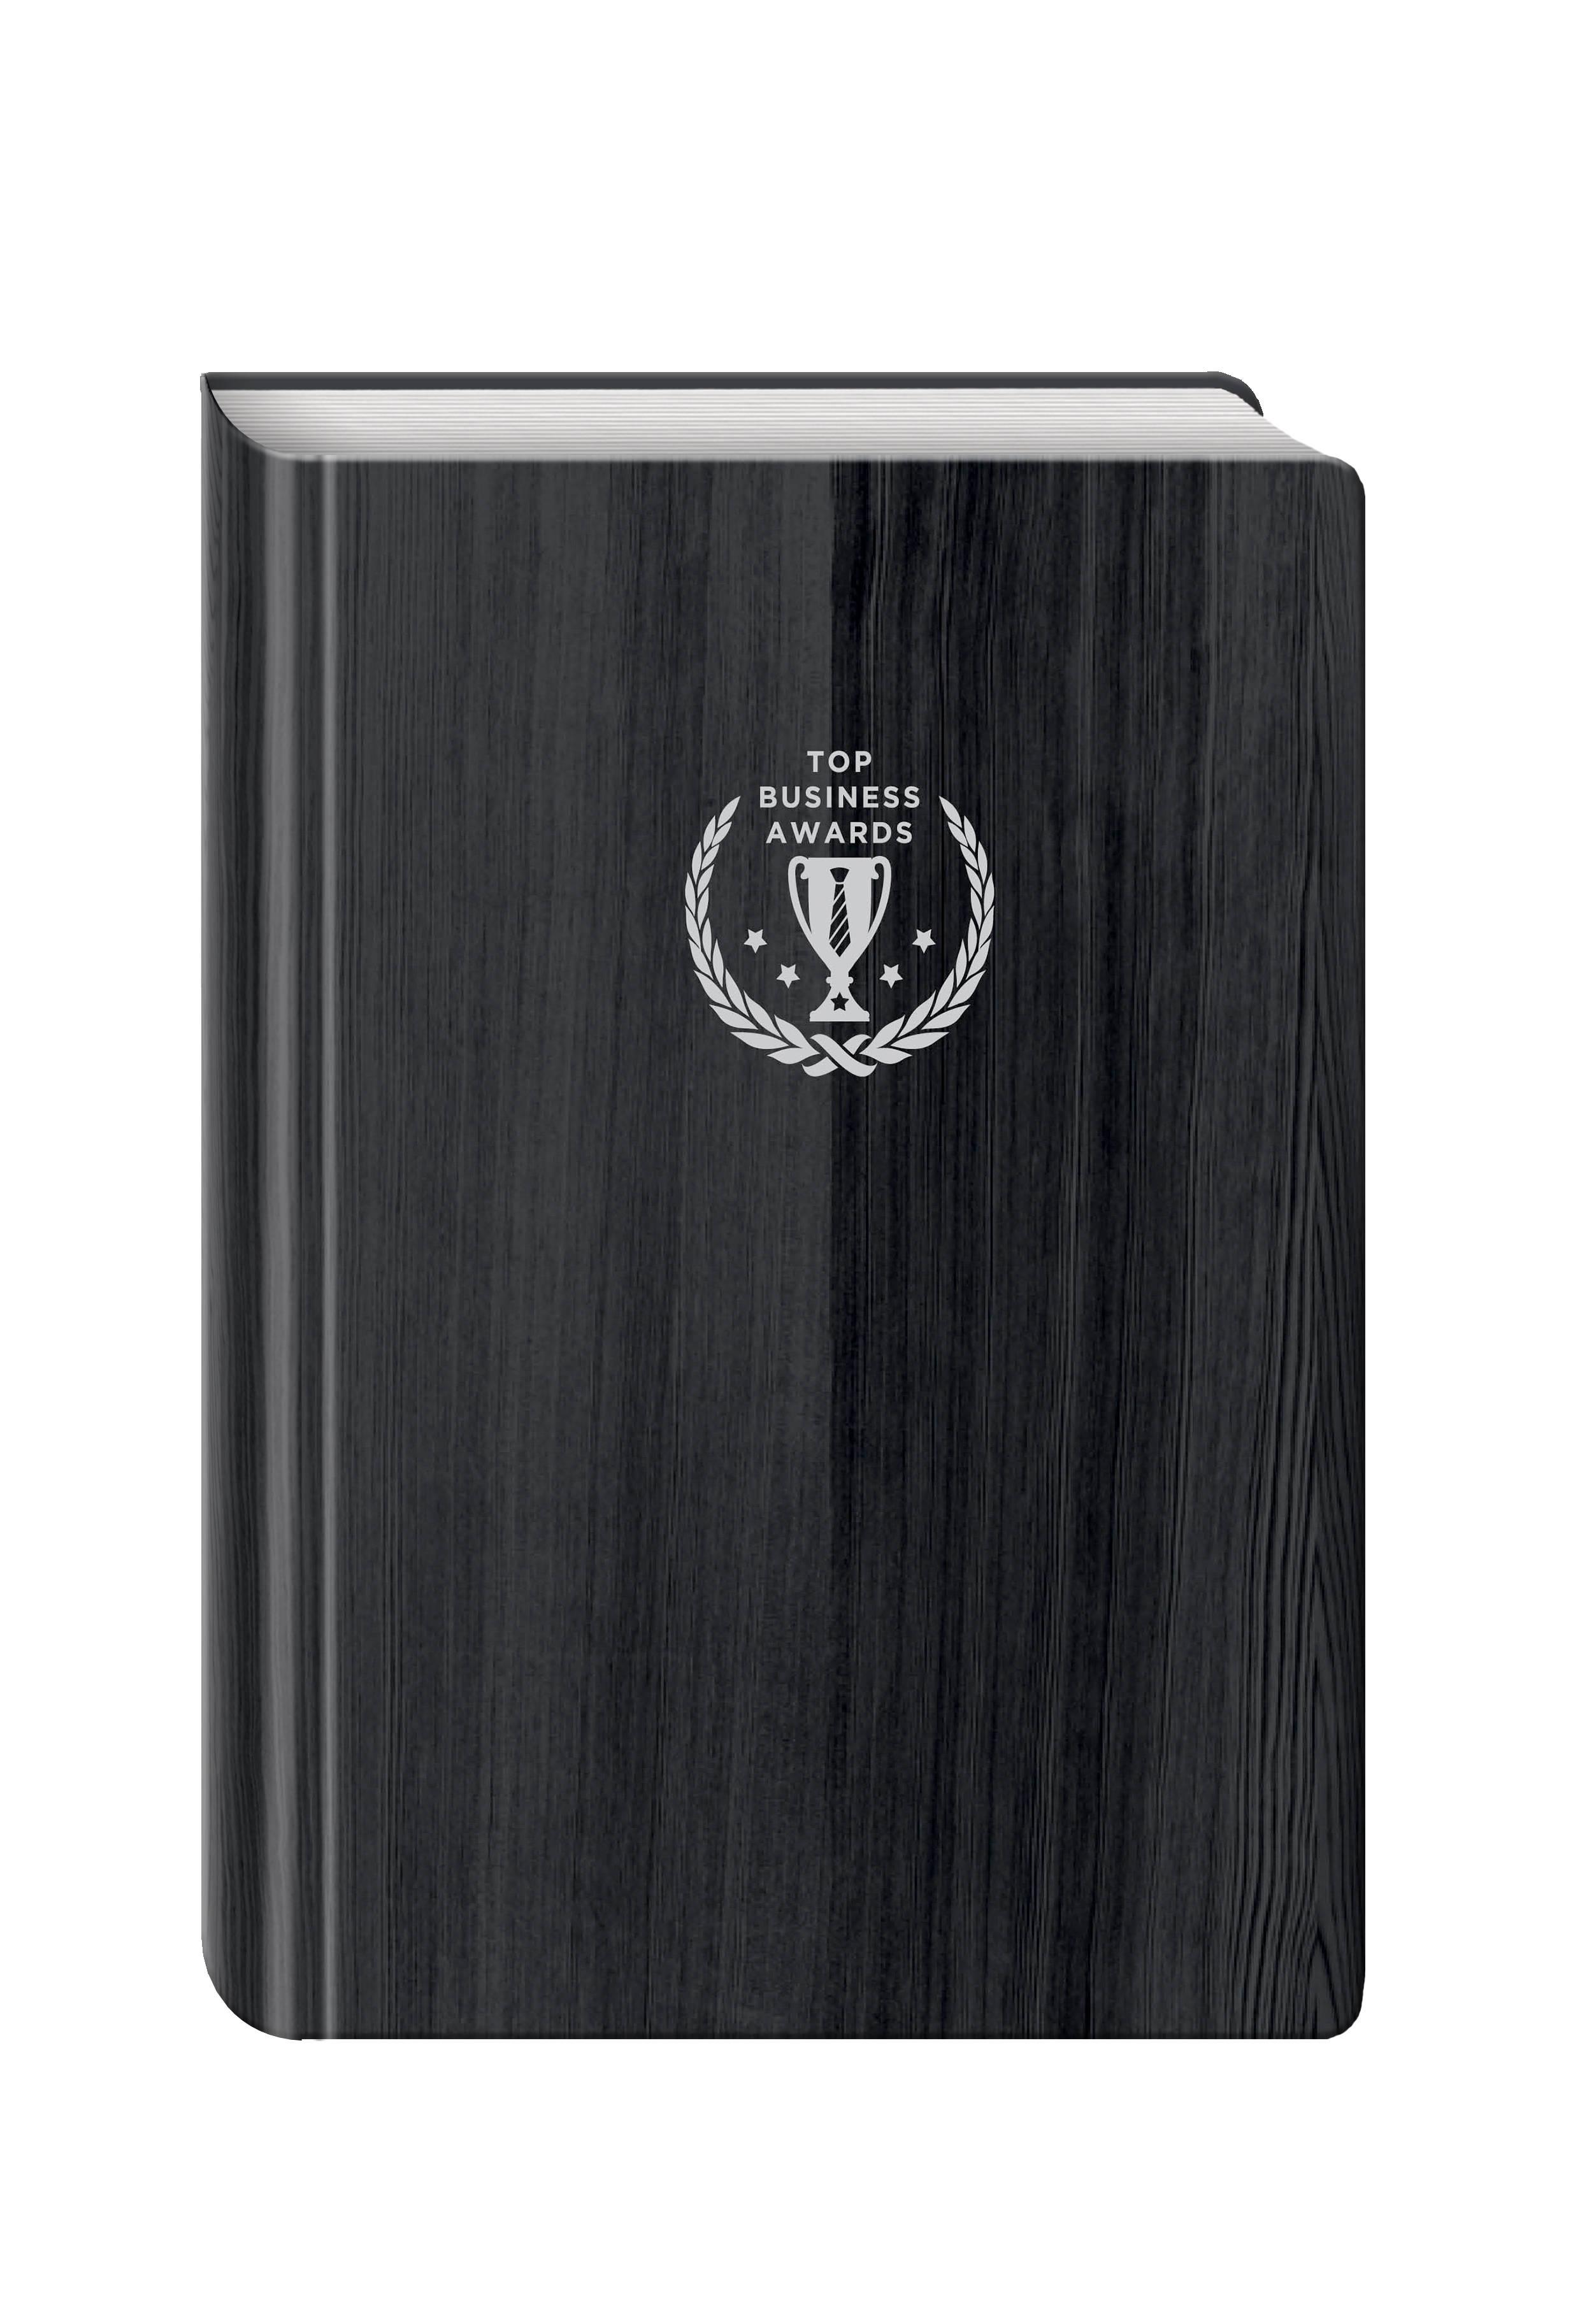 Блокнот Top Business Awards - нелинованный (черное дерево, желтые страницы) блокнот для высокоэффективных людей с главными принципами стивена кови синий